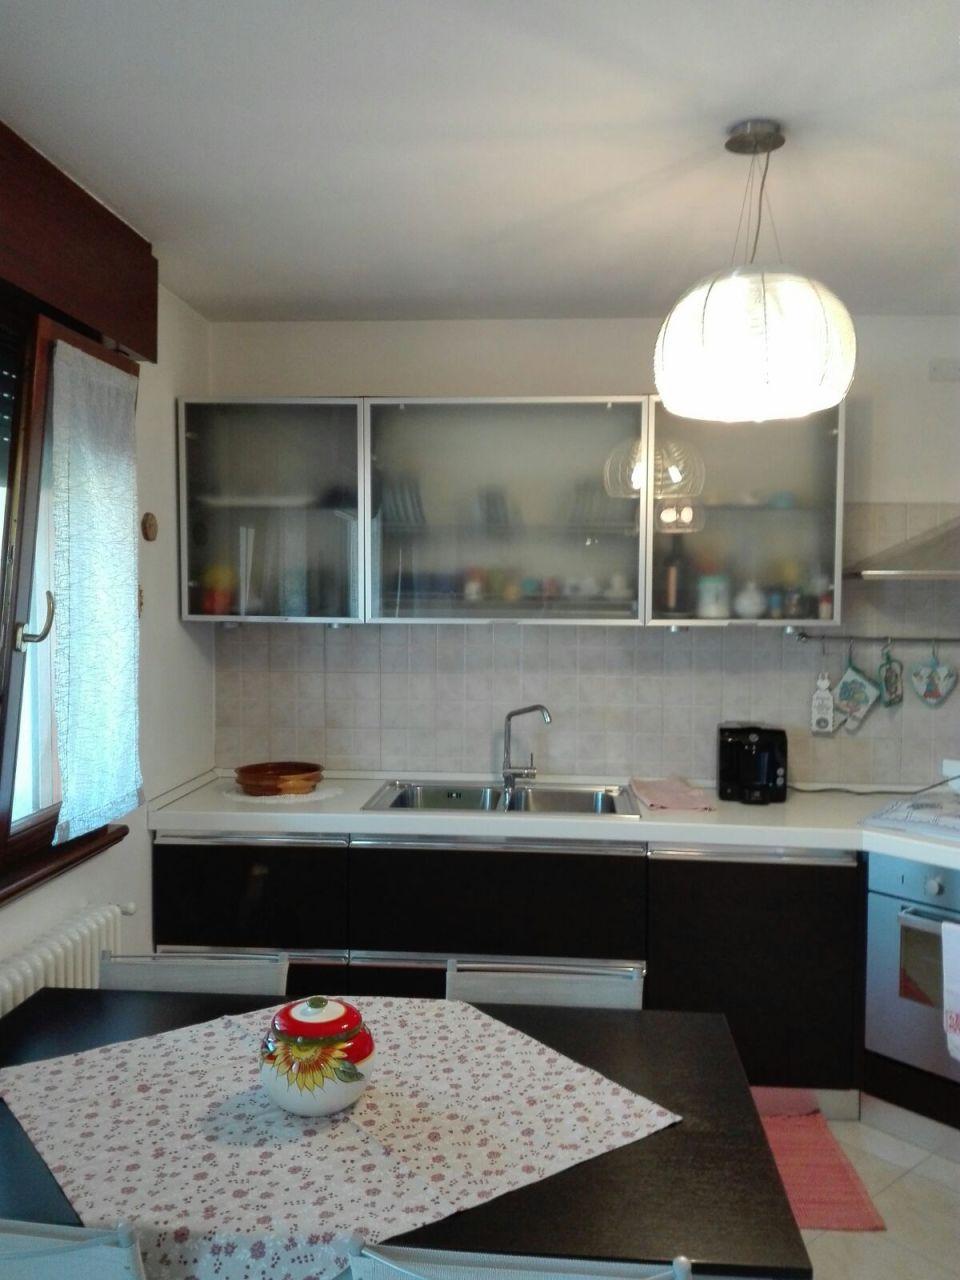 Appartamento in vendita a Latisana, 4 locali, prezzo € 110.000 | CambioCasa.it